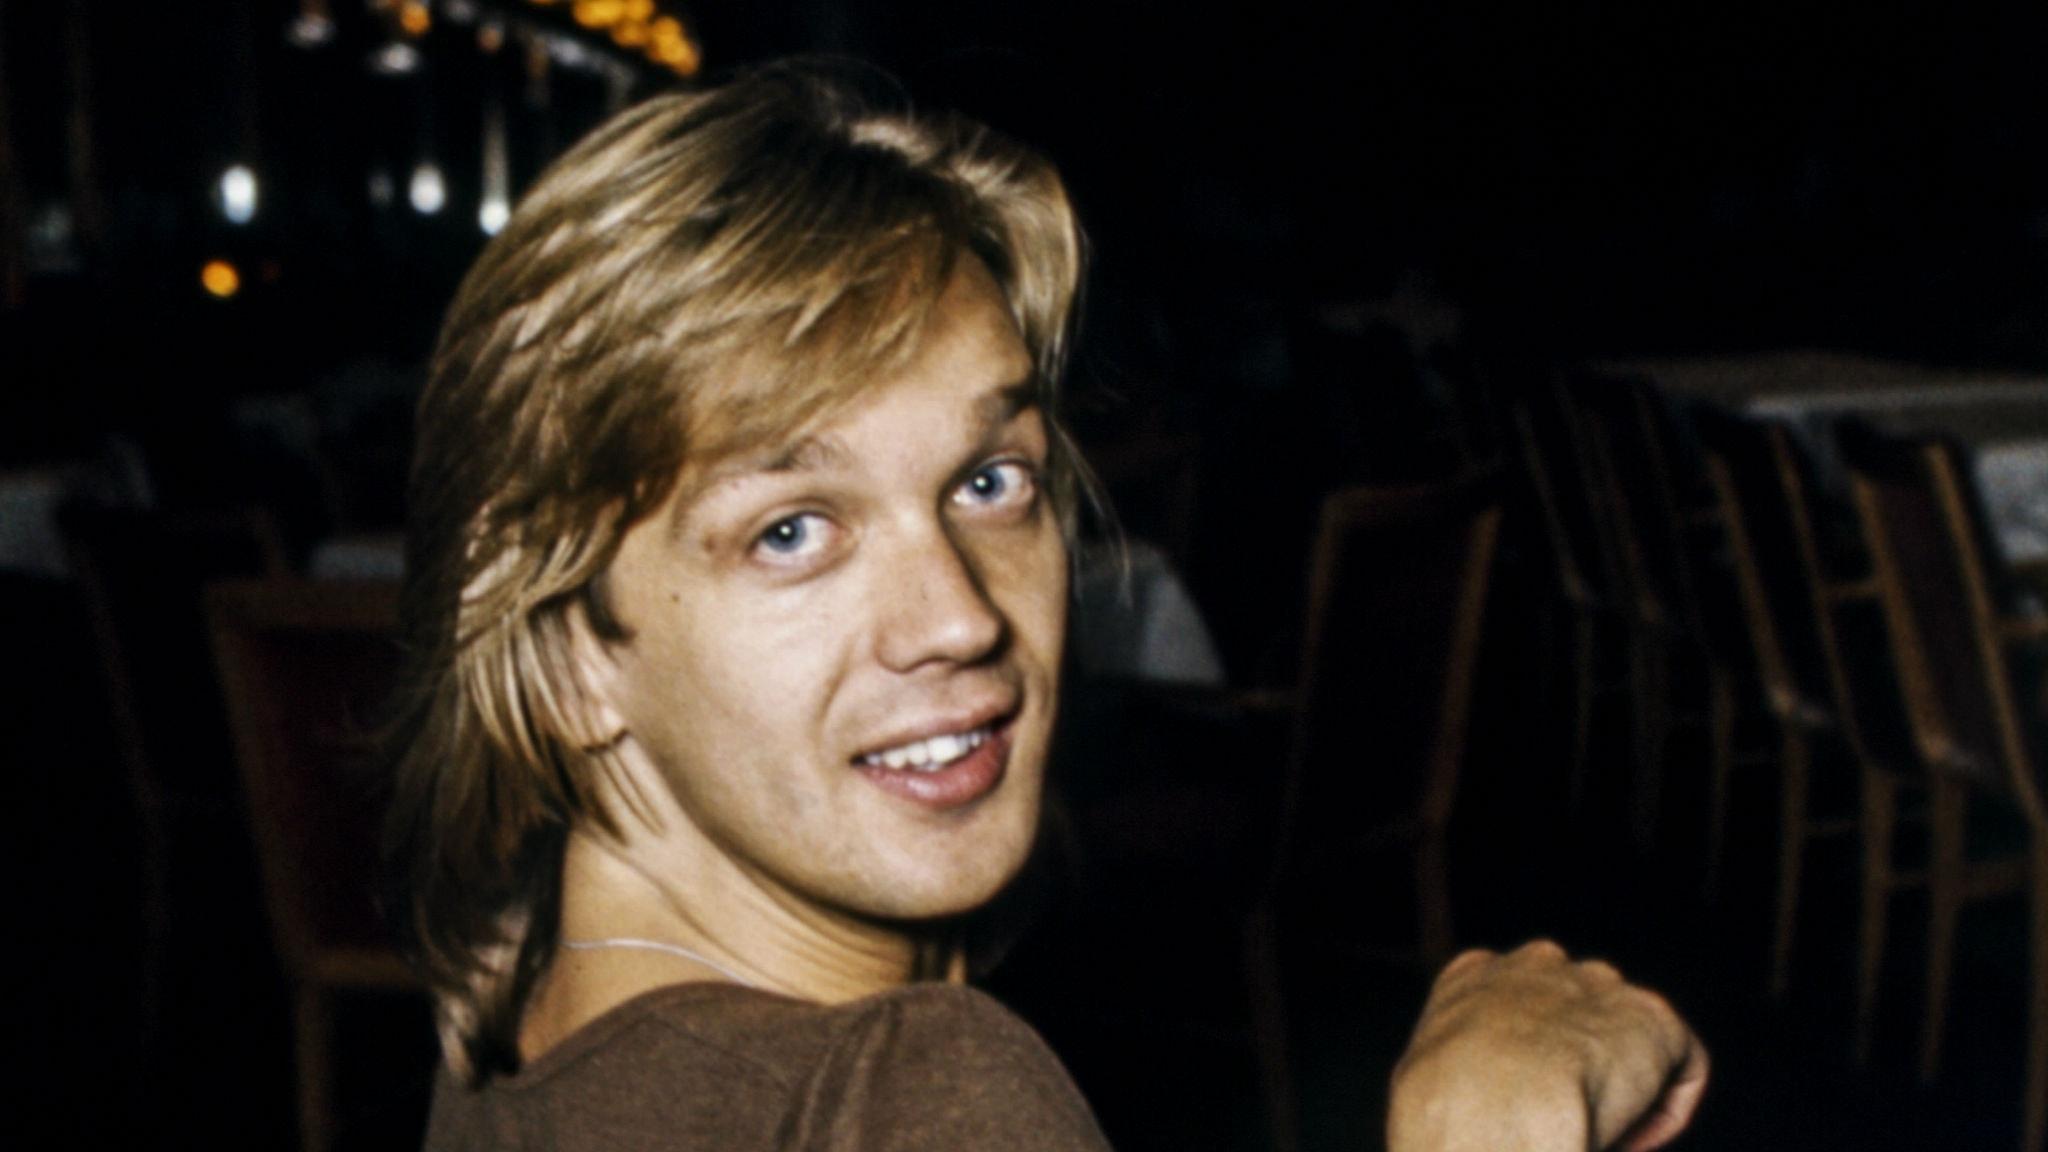 Björn Skifs låg högt på Tio i topp i juni 1973